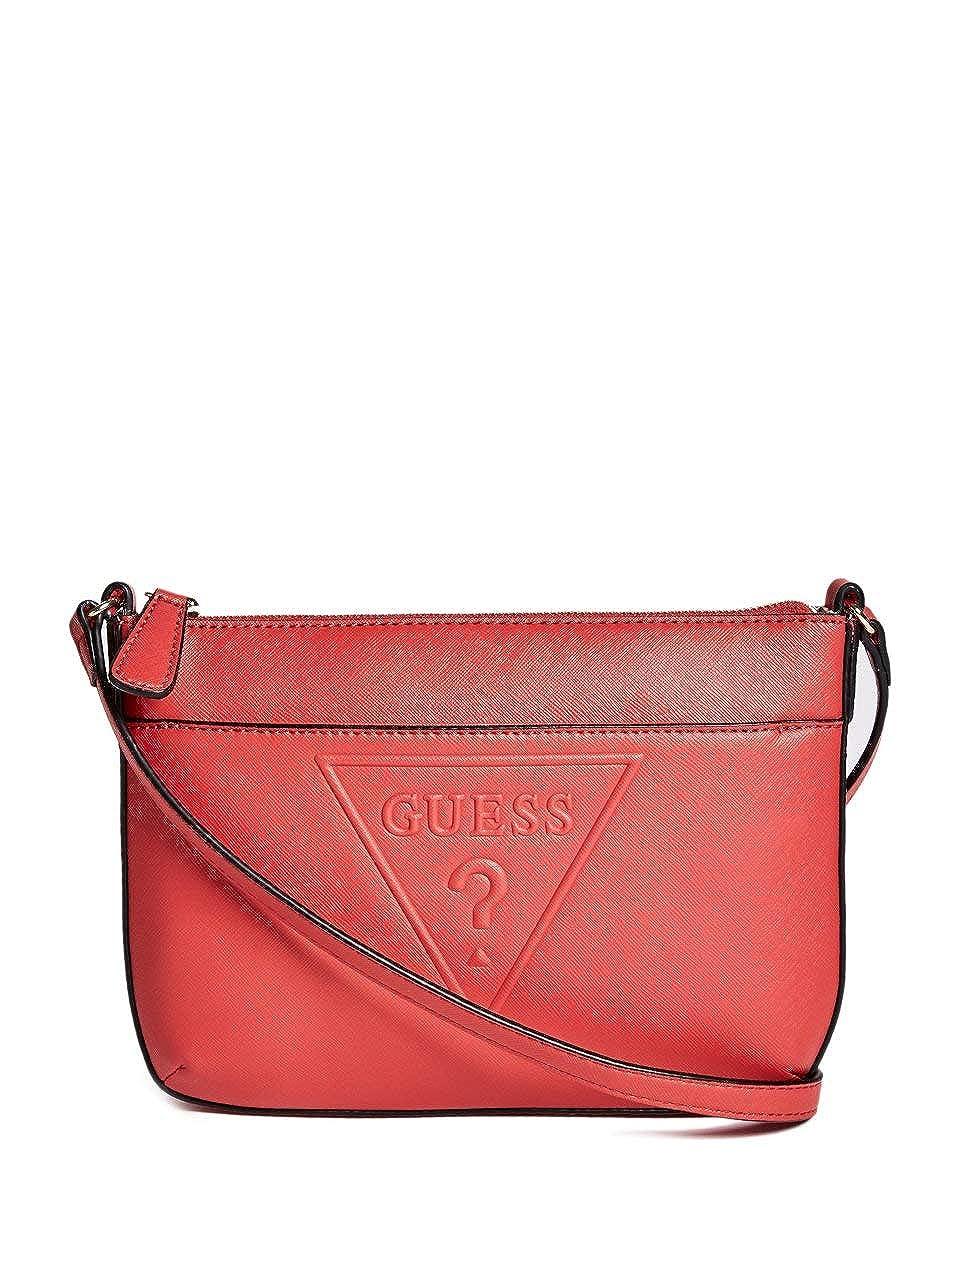 GUESS Factory Womens Rigden Logo Crossbody